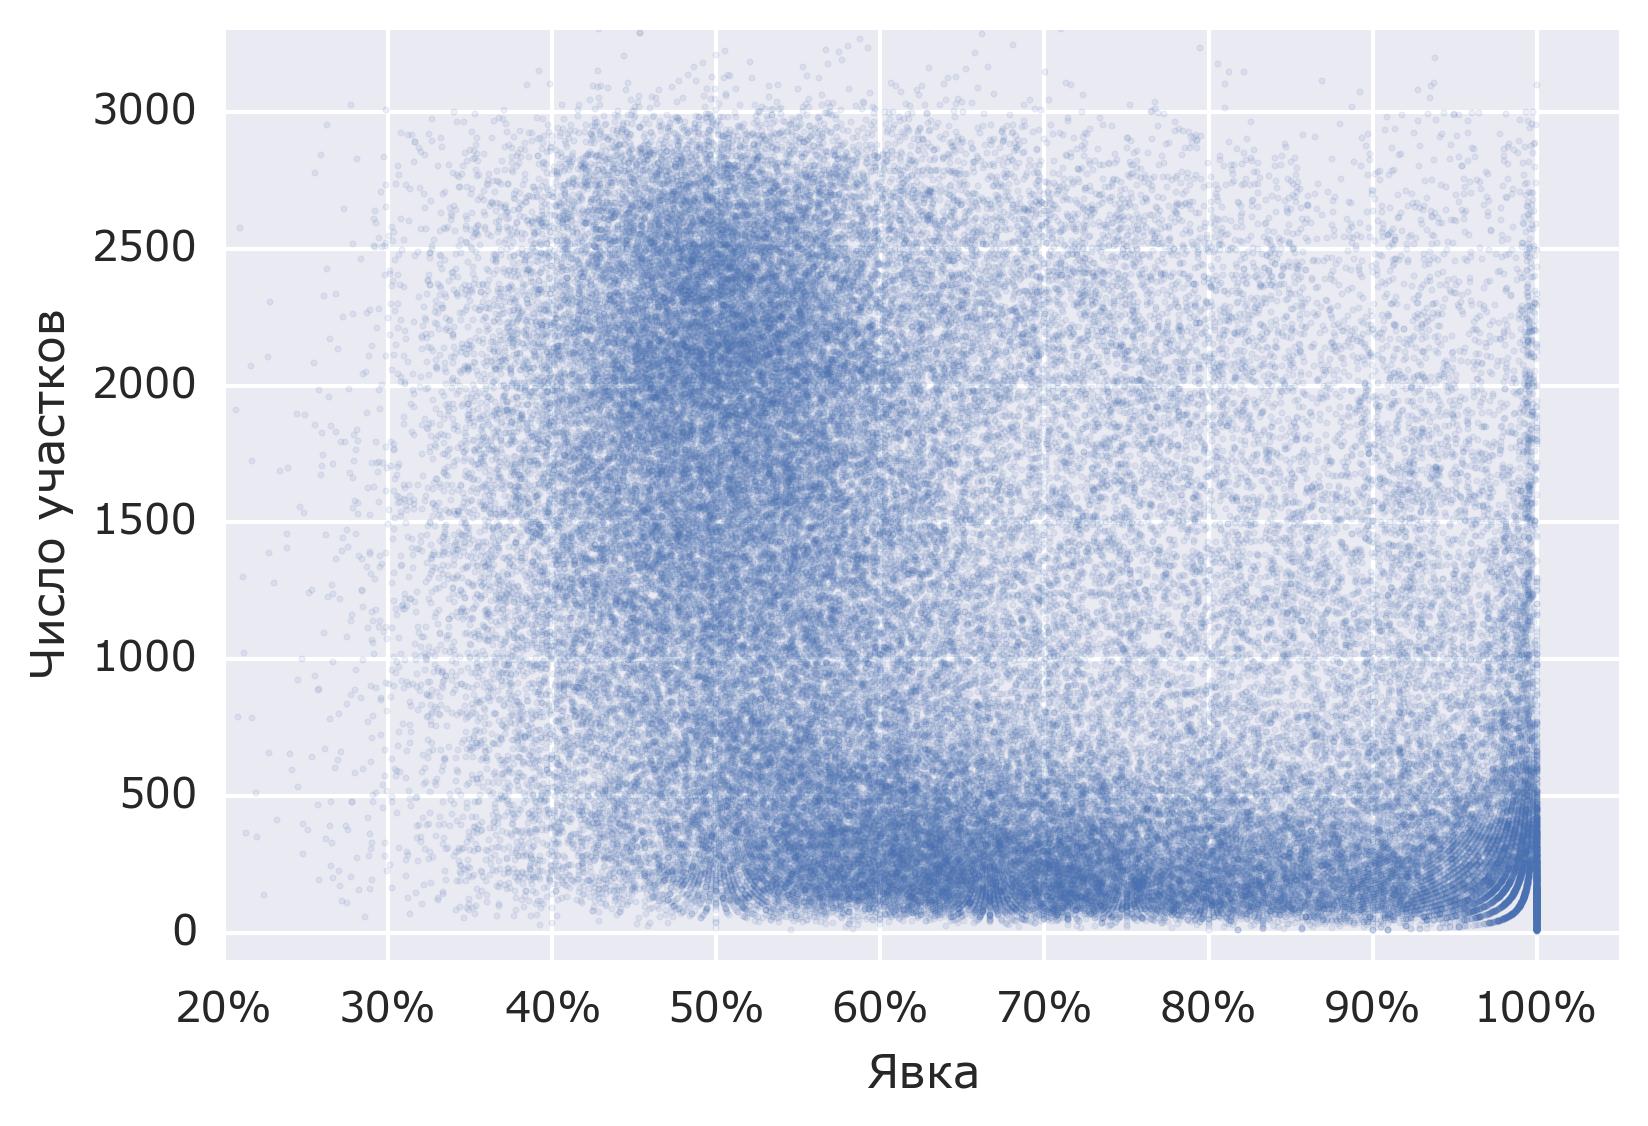 Анализ результатов выборов в Госдуму. Готовимся к голосованию 2016 года - 7